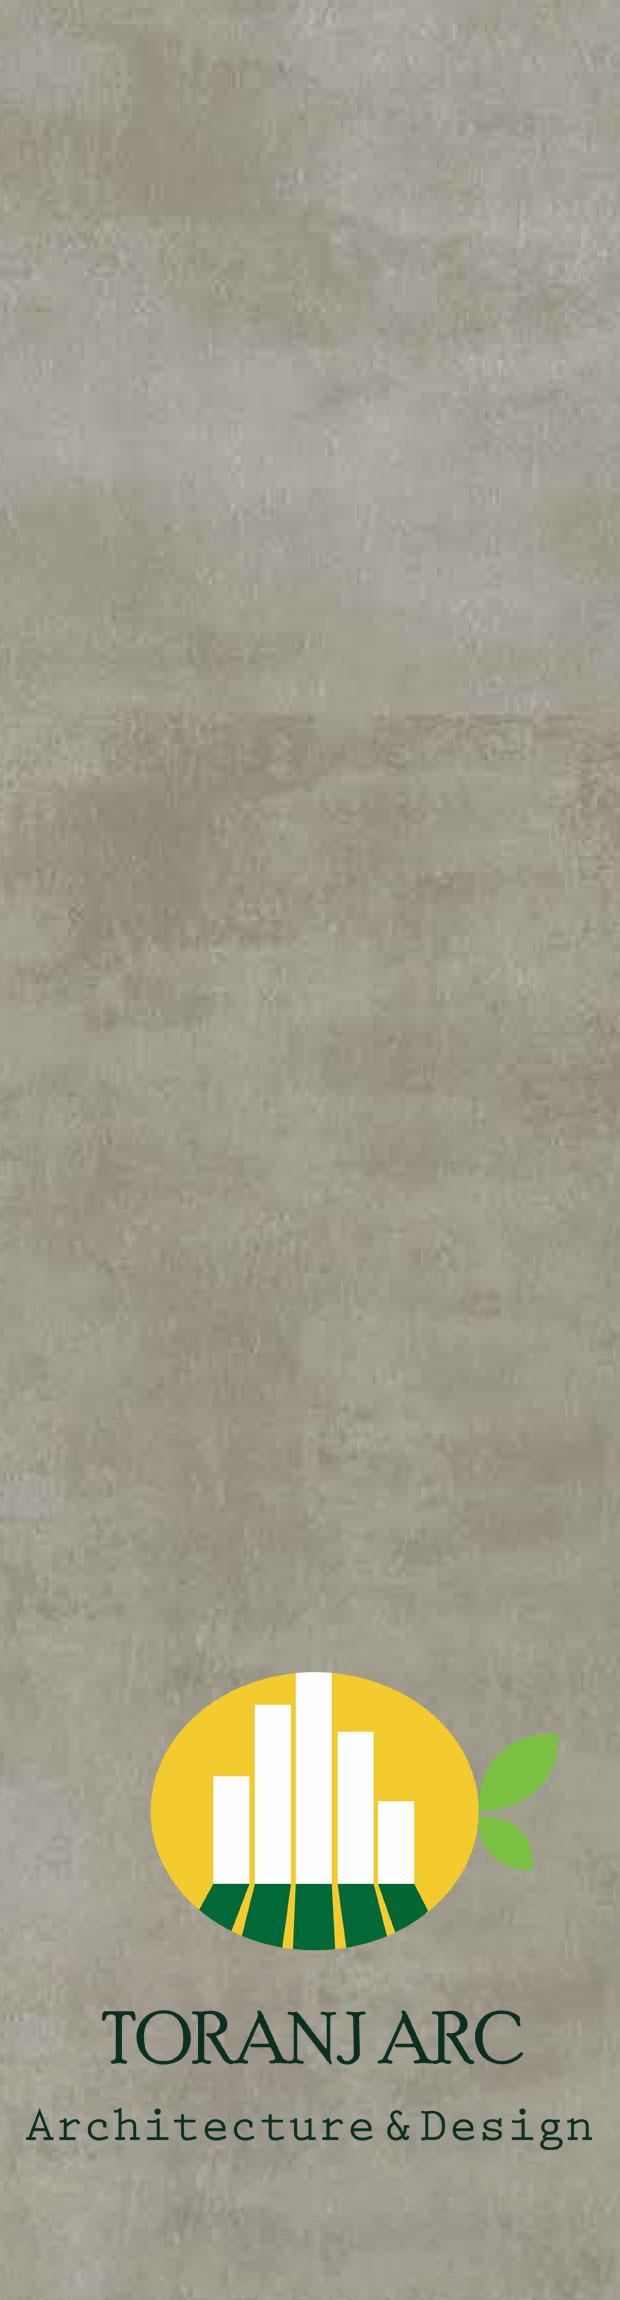 adofloor 1 6 کف پوش pvc